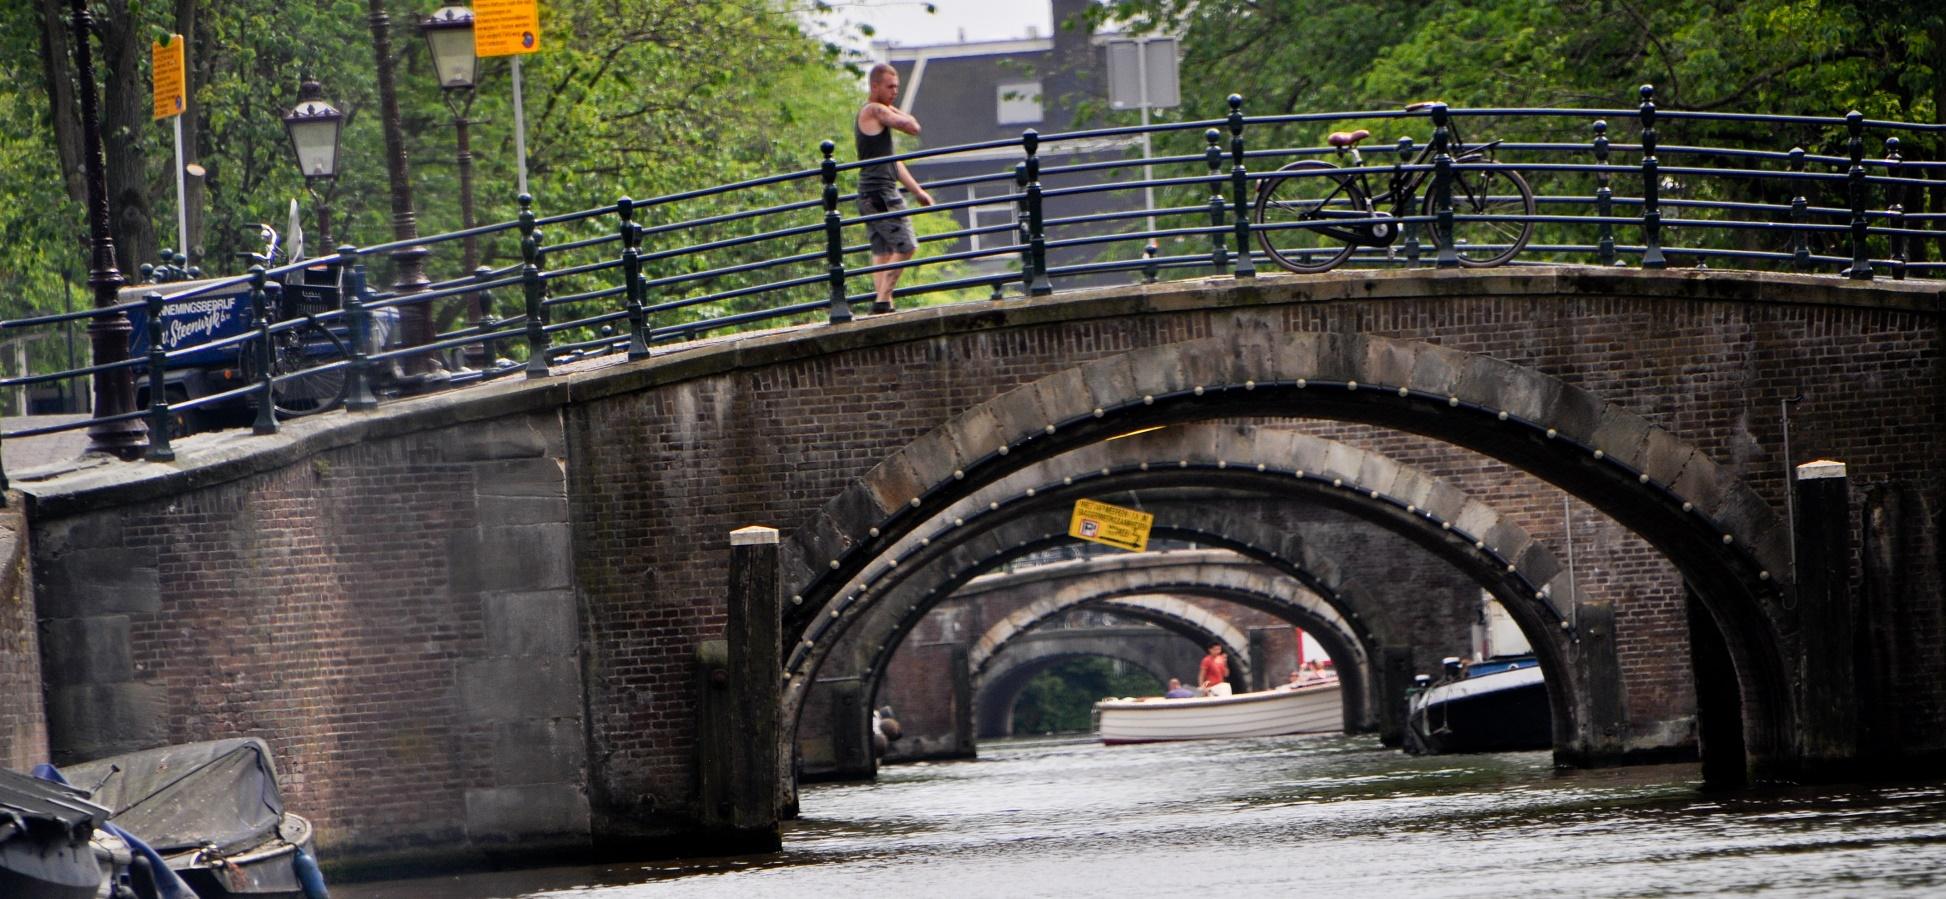 Robots autónomos imprimirán en 3D un puente para Ámsterdam